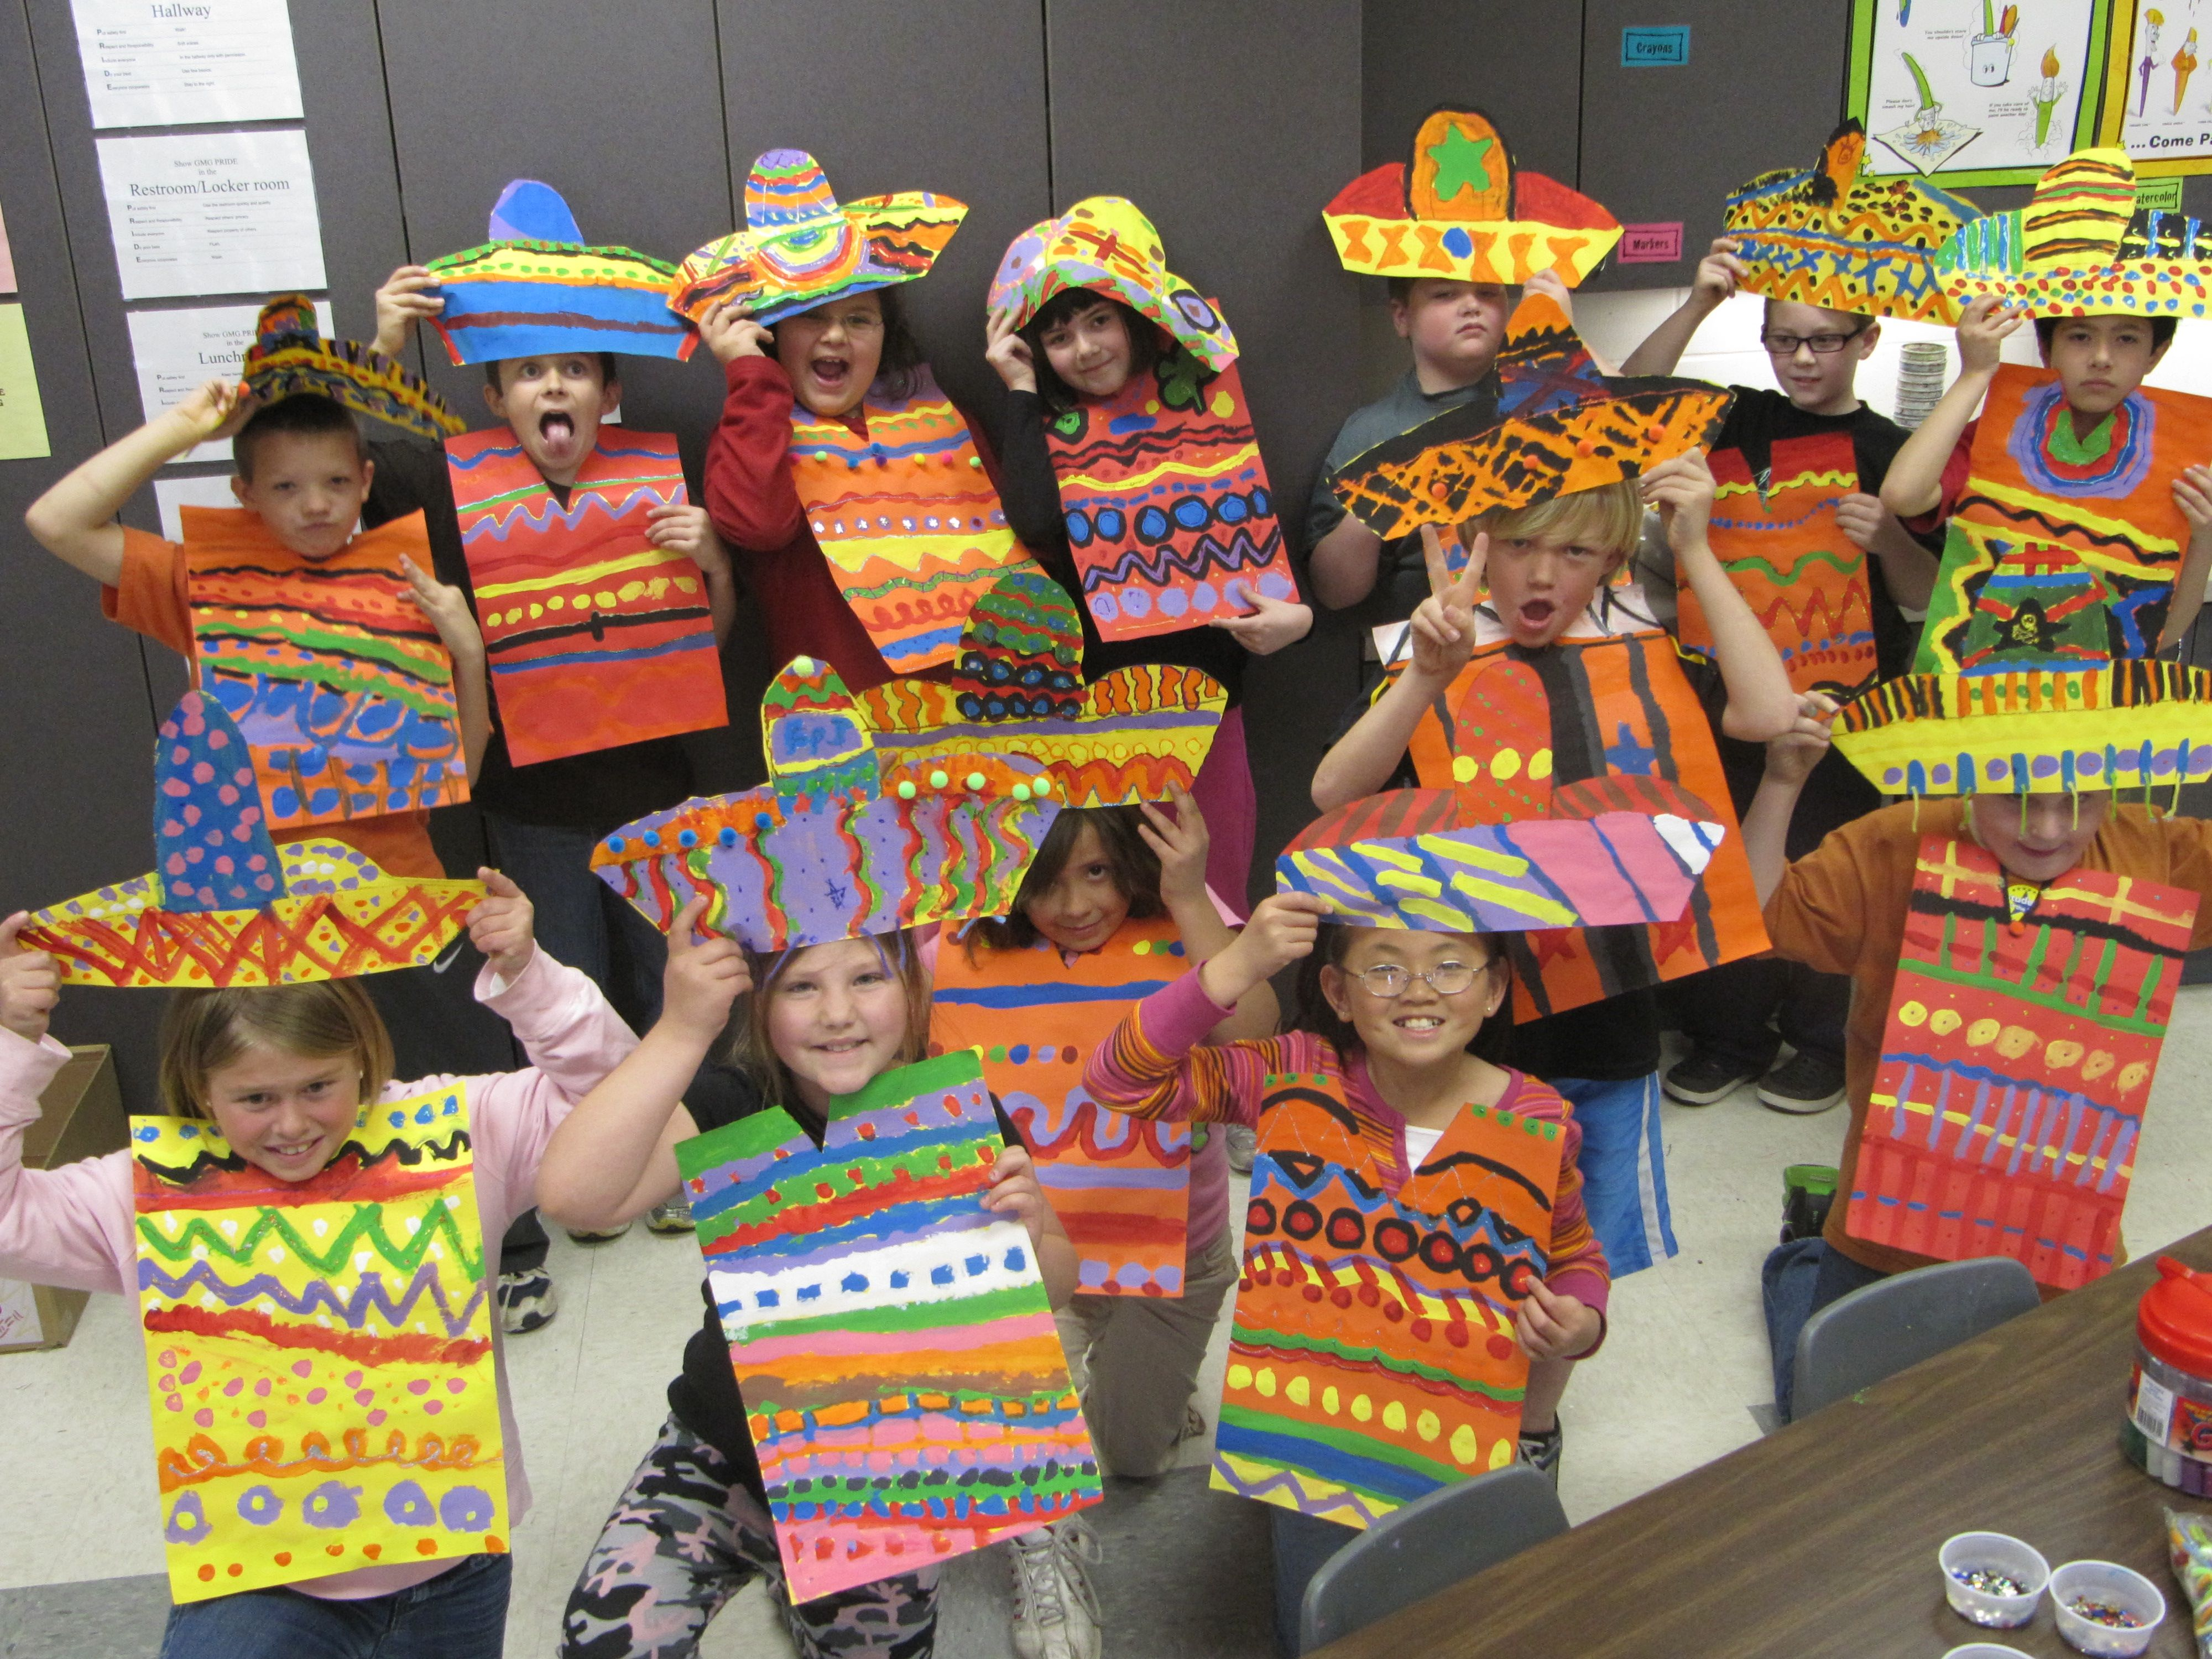 Cinco De Mayo Arts and Crafts